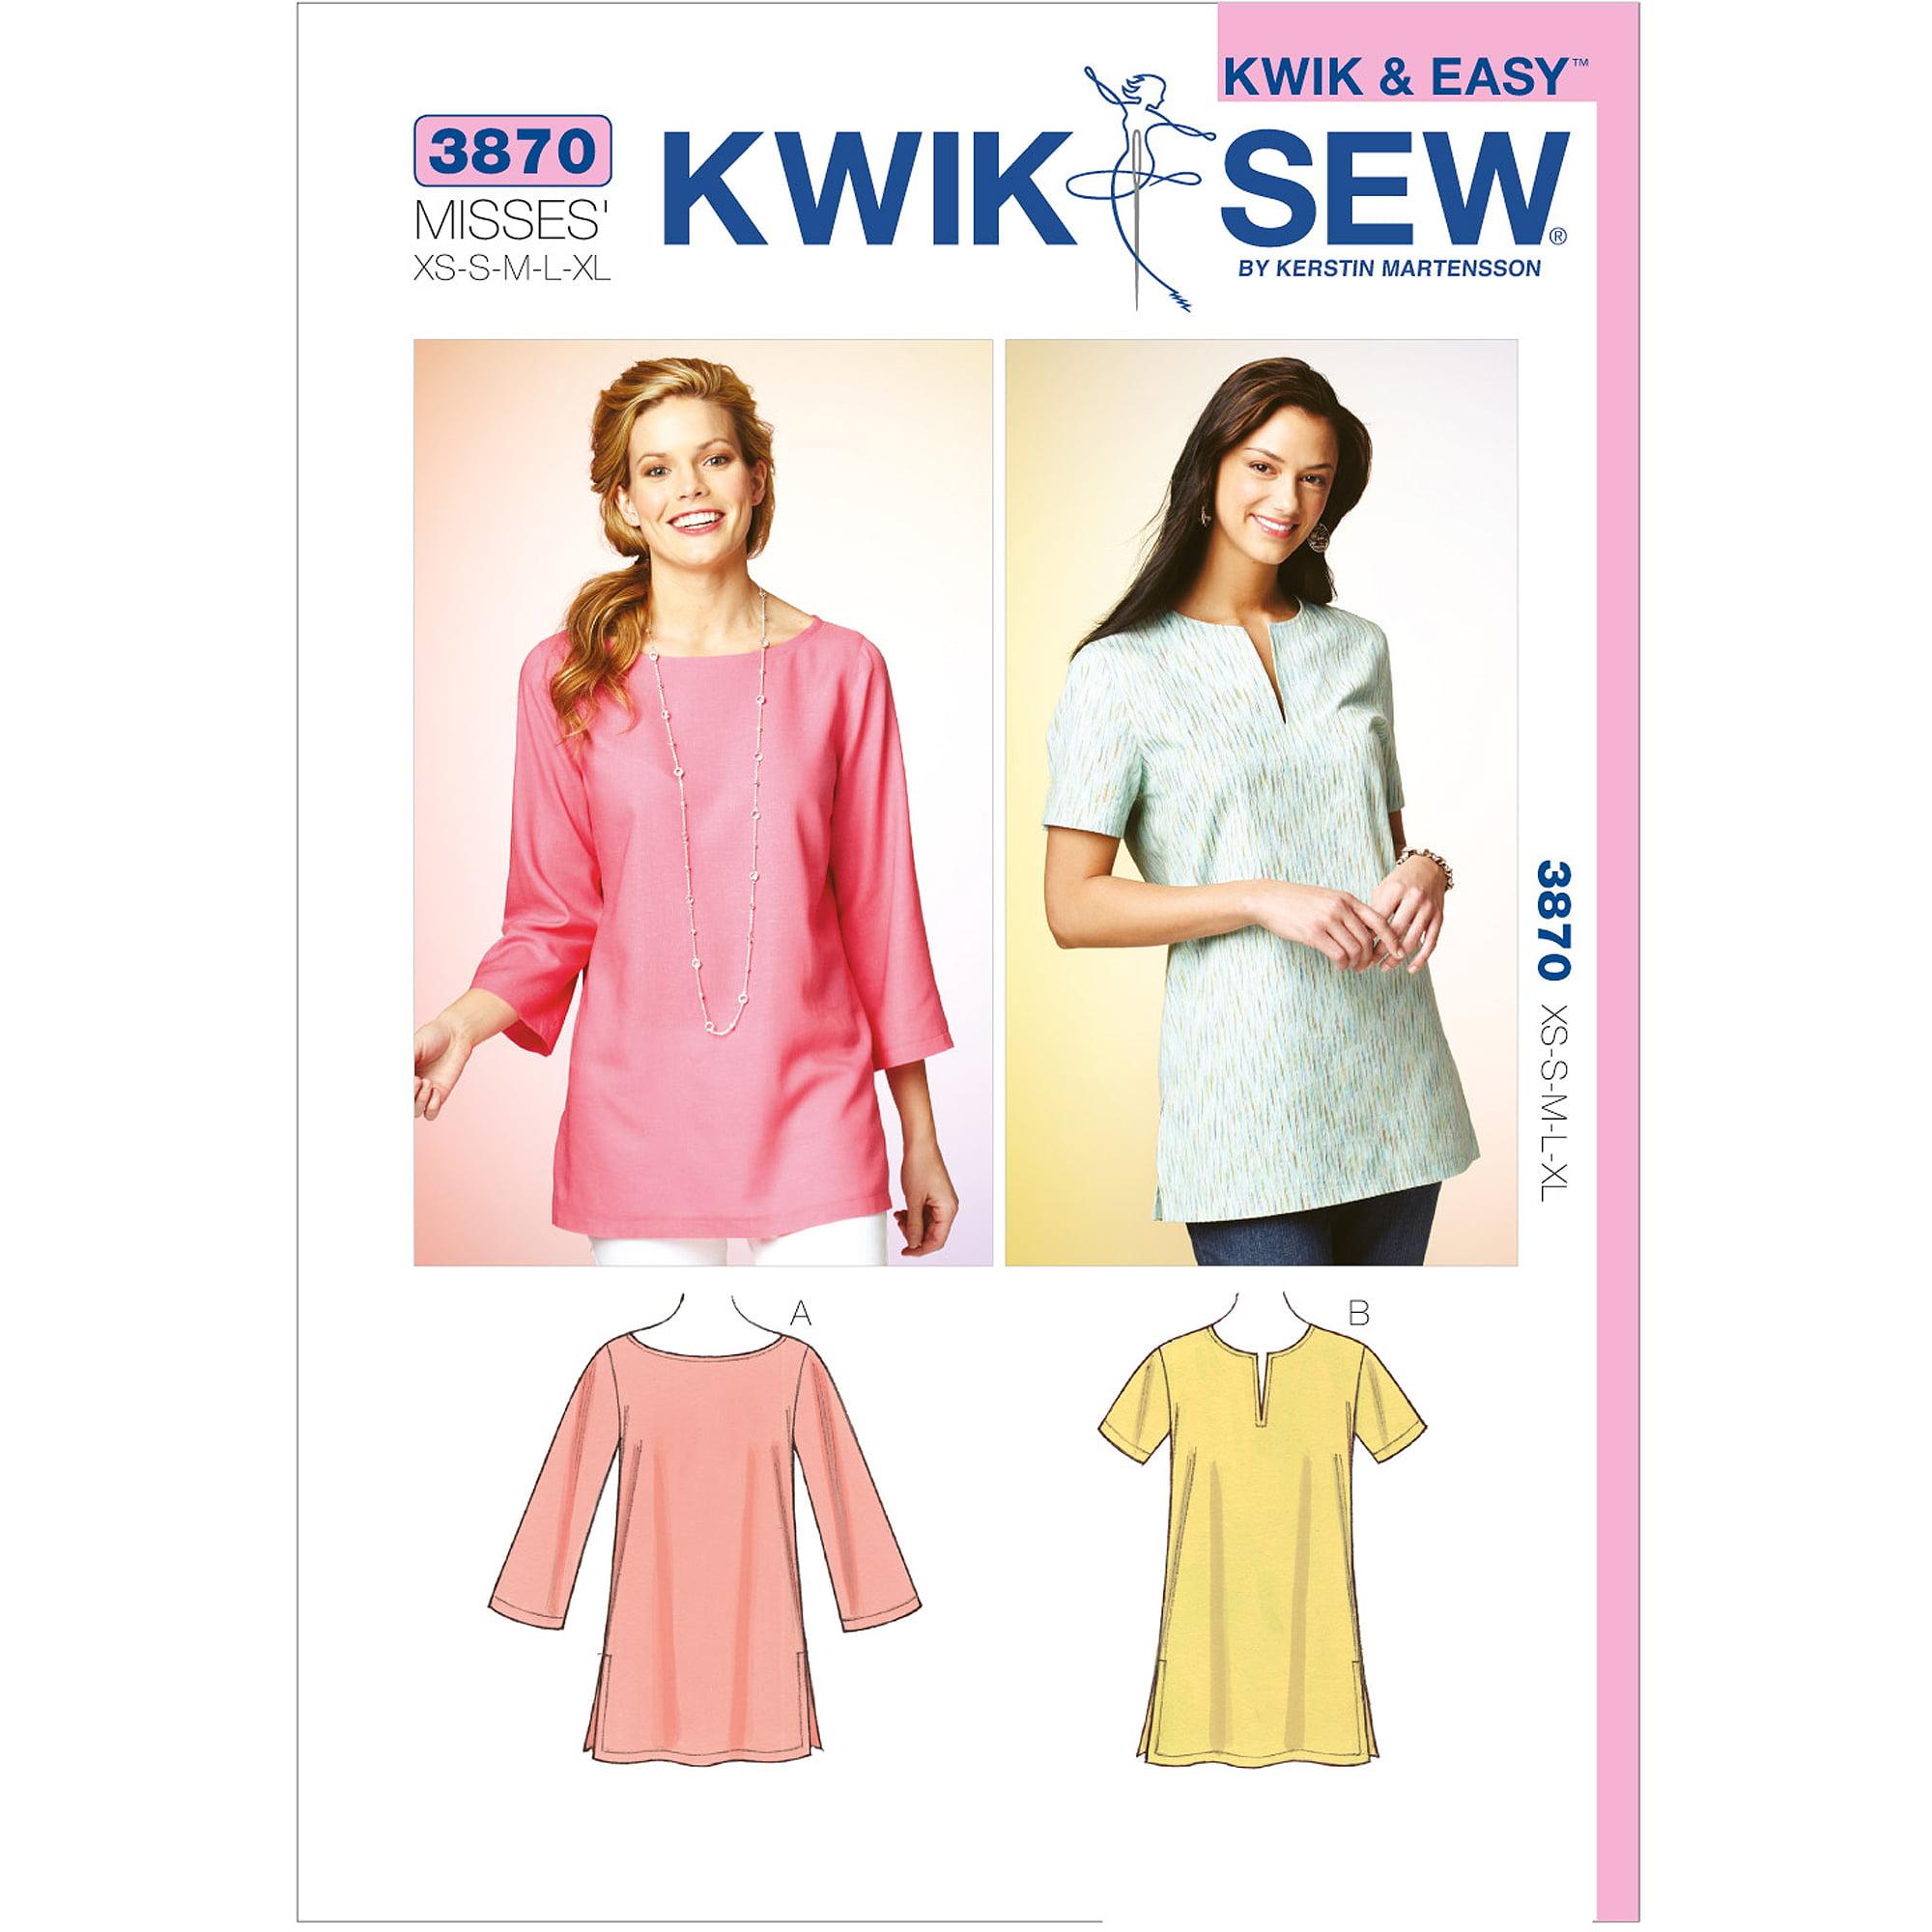 Kwik Sew Pattern Tunics, (XS, S, M, L, XL)